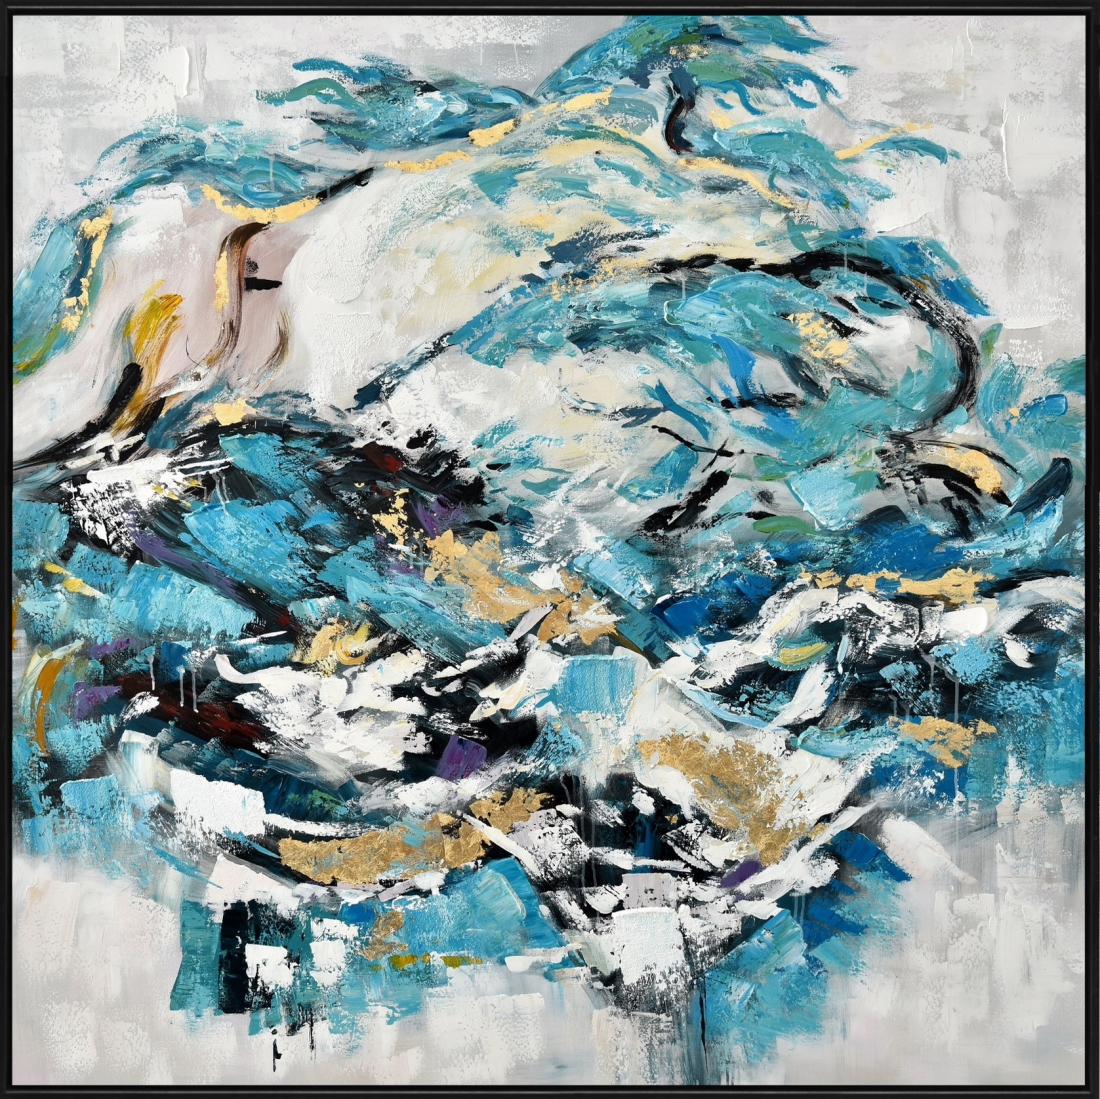 Schilderij abstract 152x152